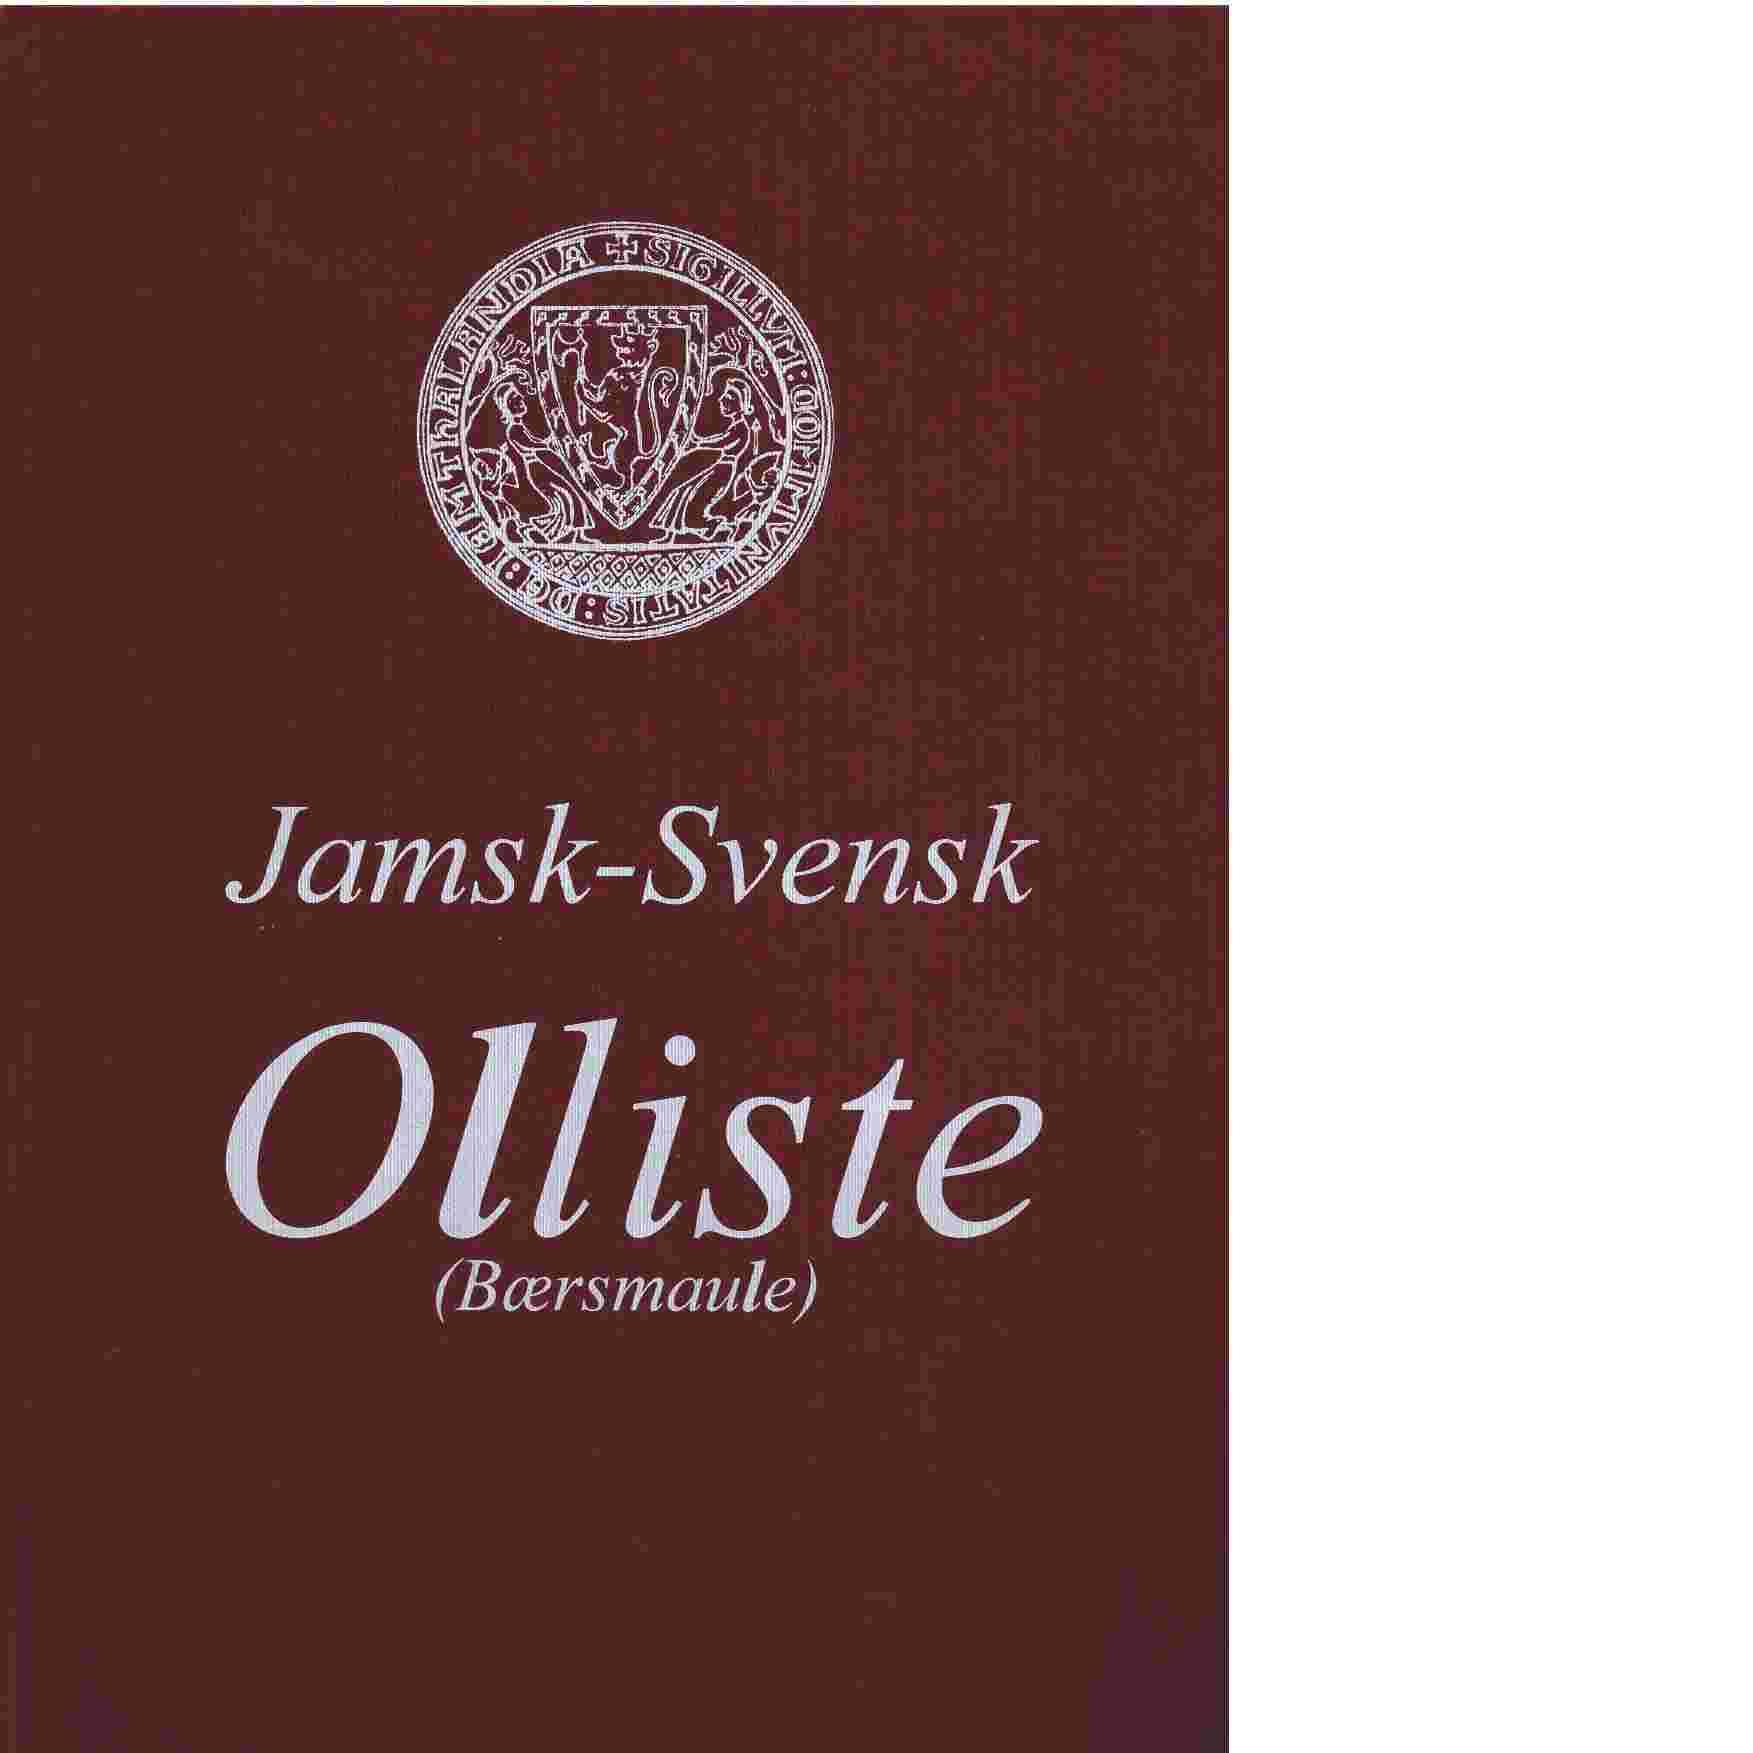 Jamsk - Svensk Olliste (Bærsmaule) - Staffansson, Ingvar